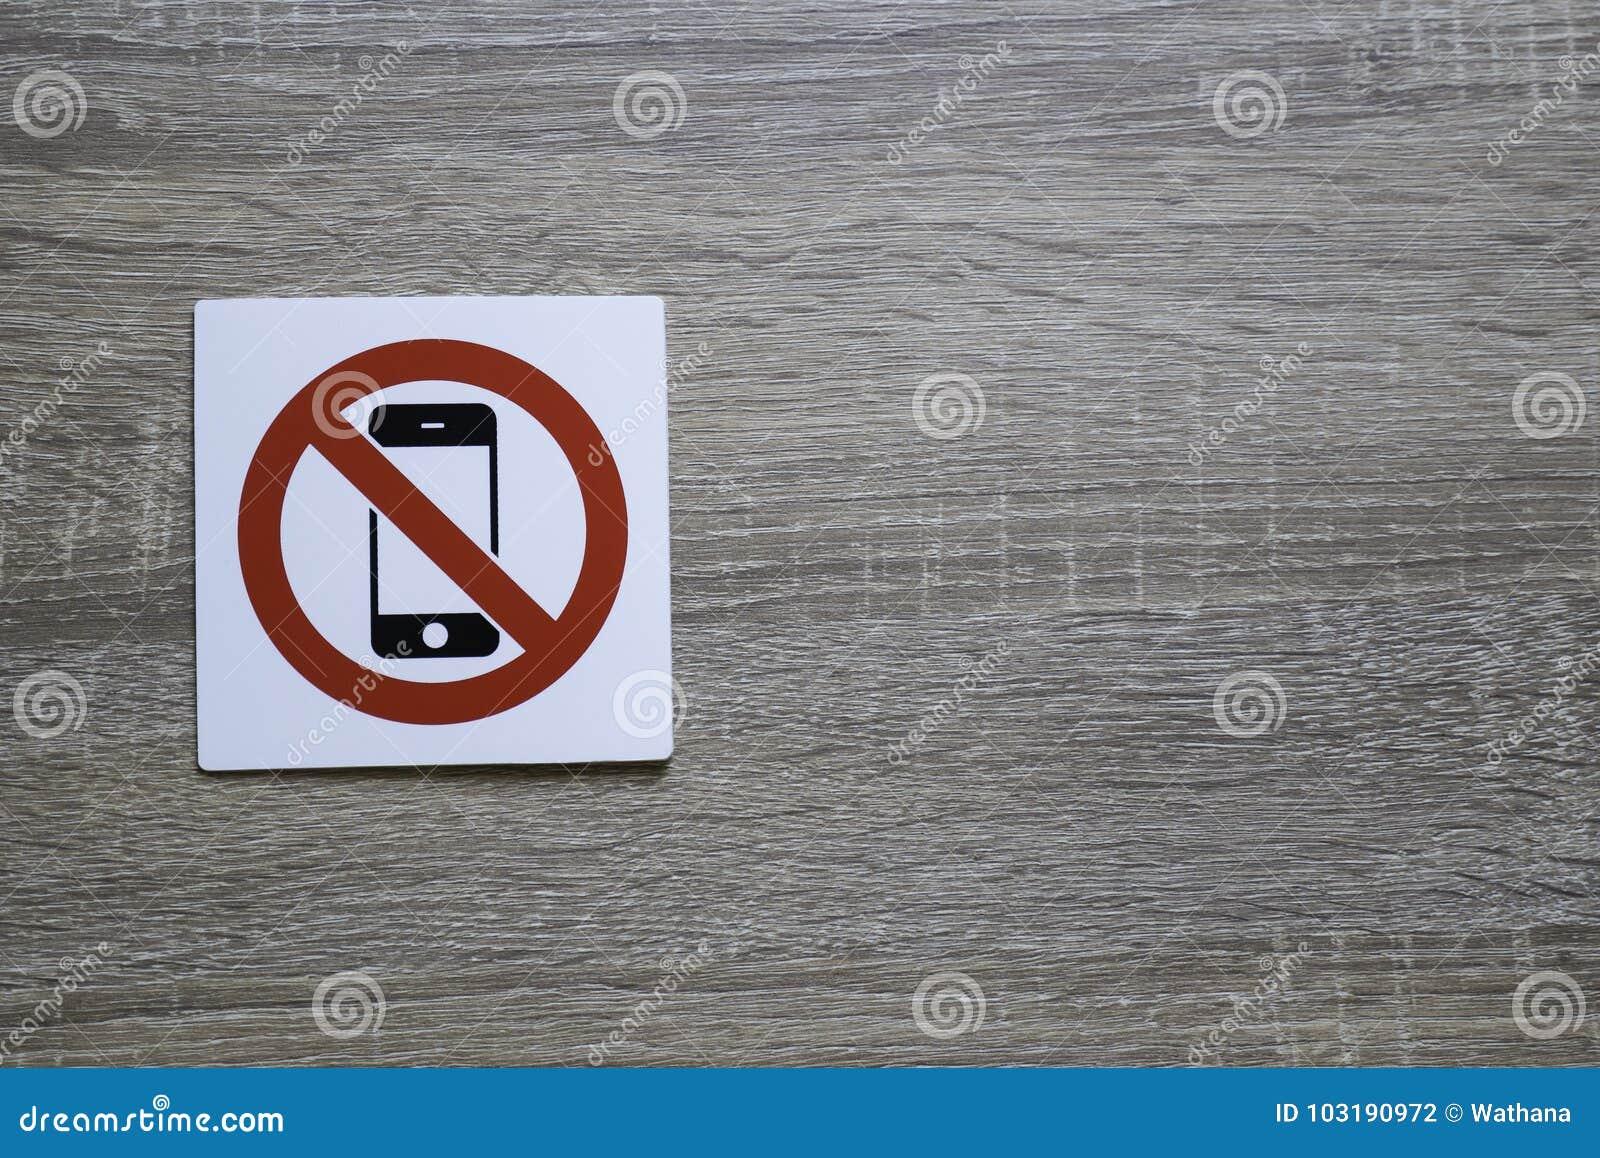 Kein Telefon erlaubte Zeichen auf der hölzernen Wand mit Raum für das Hinzufügen des Textes auf dem Recht